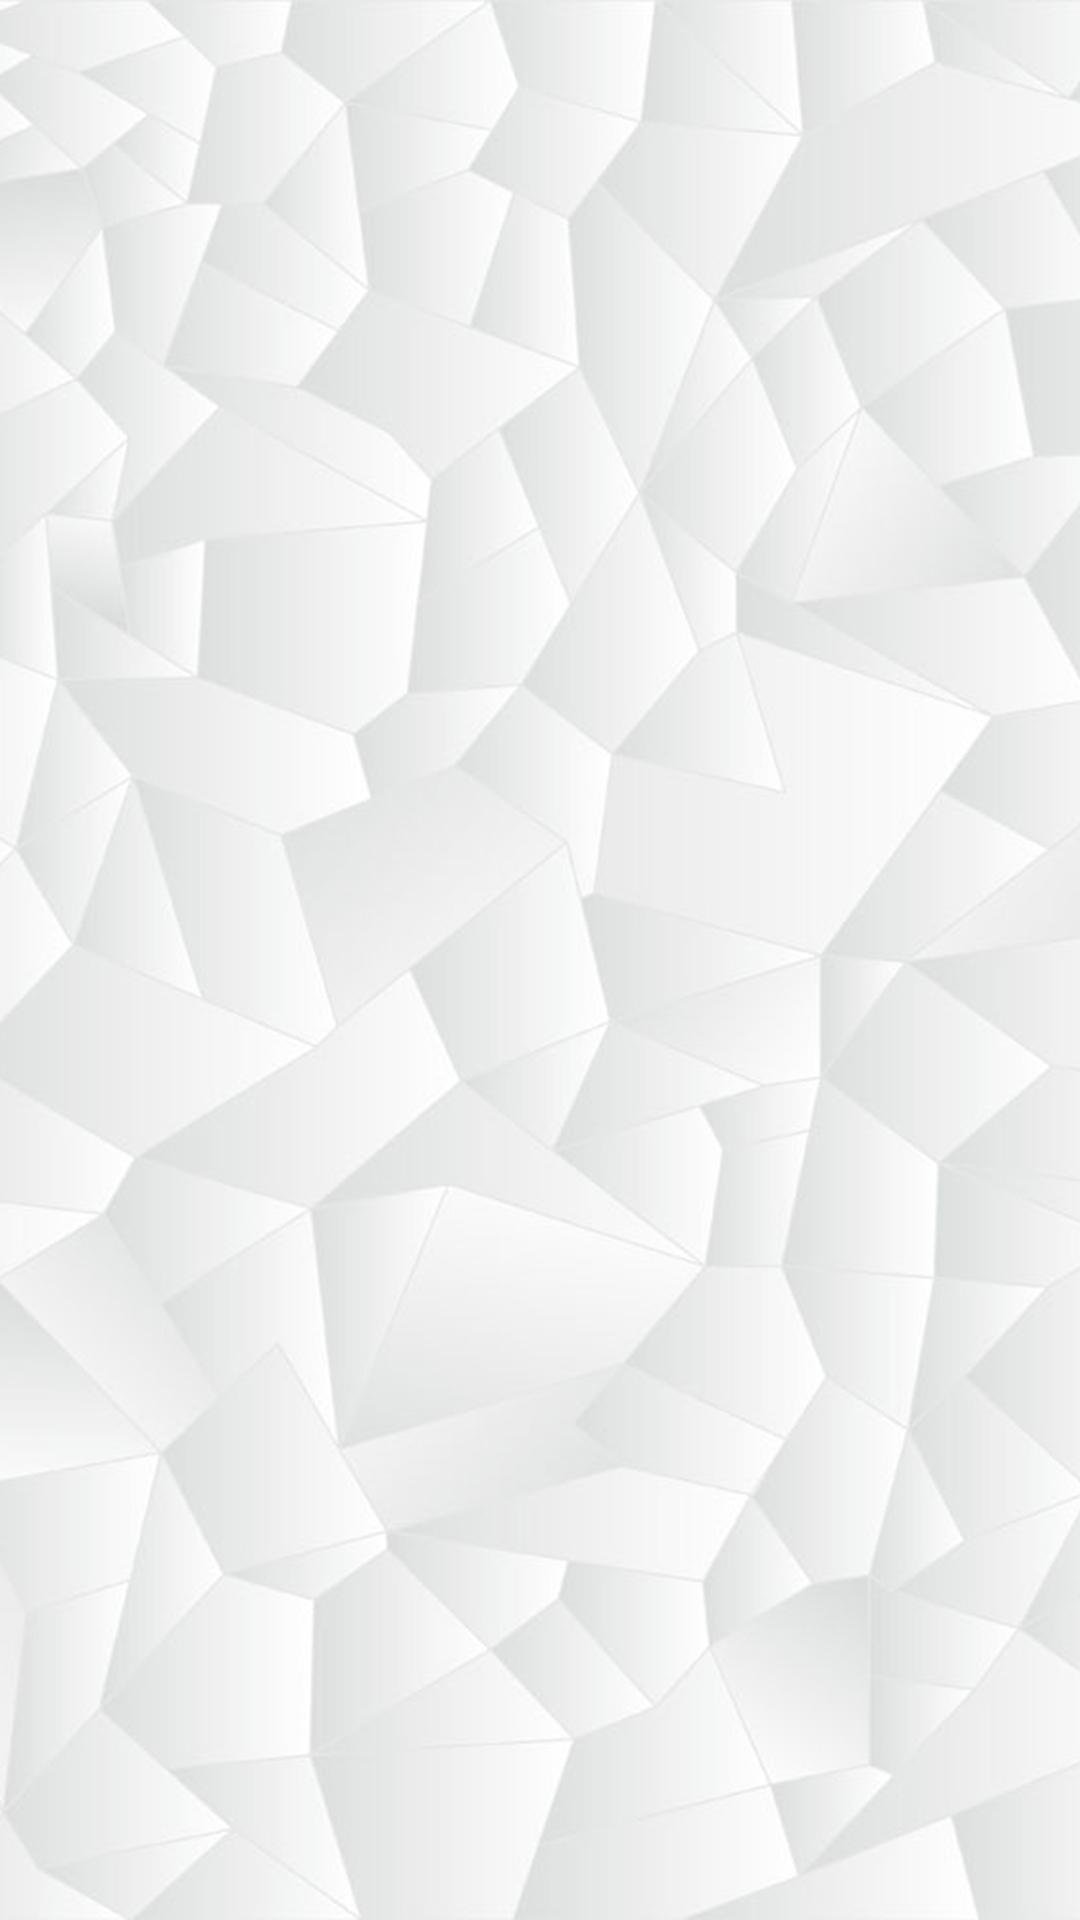 خلفية بيضاء ساده صور ديسكتوب للاجهزة باللون الابيض المنام